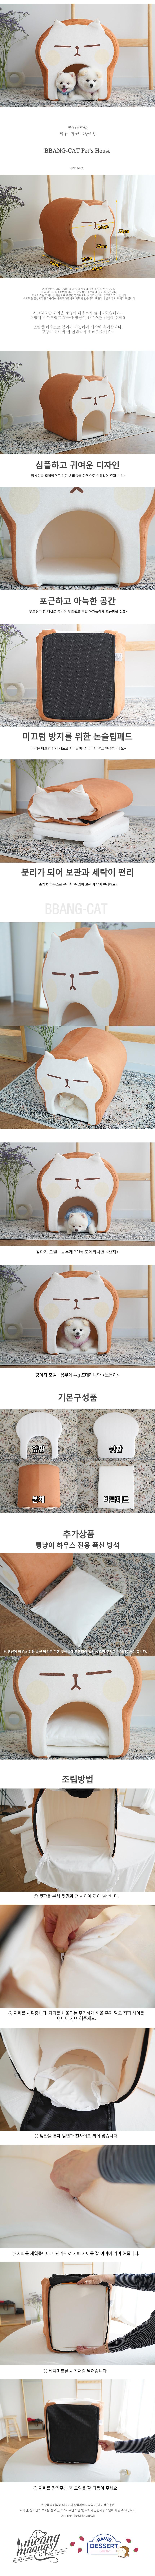 빵냥이 강아지 고양이 하우스 - 멍뭉스, 58,000원, 하우스/식기/실내용품, 하우스